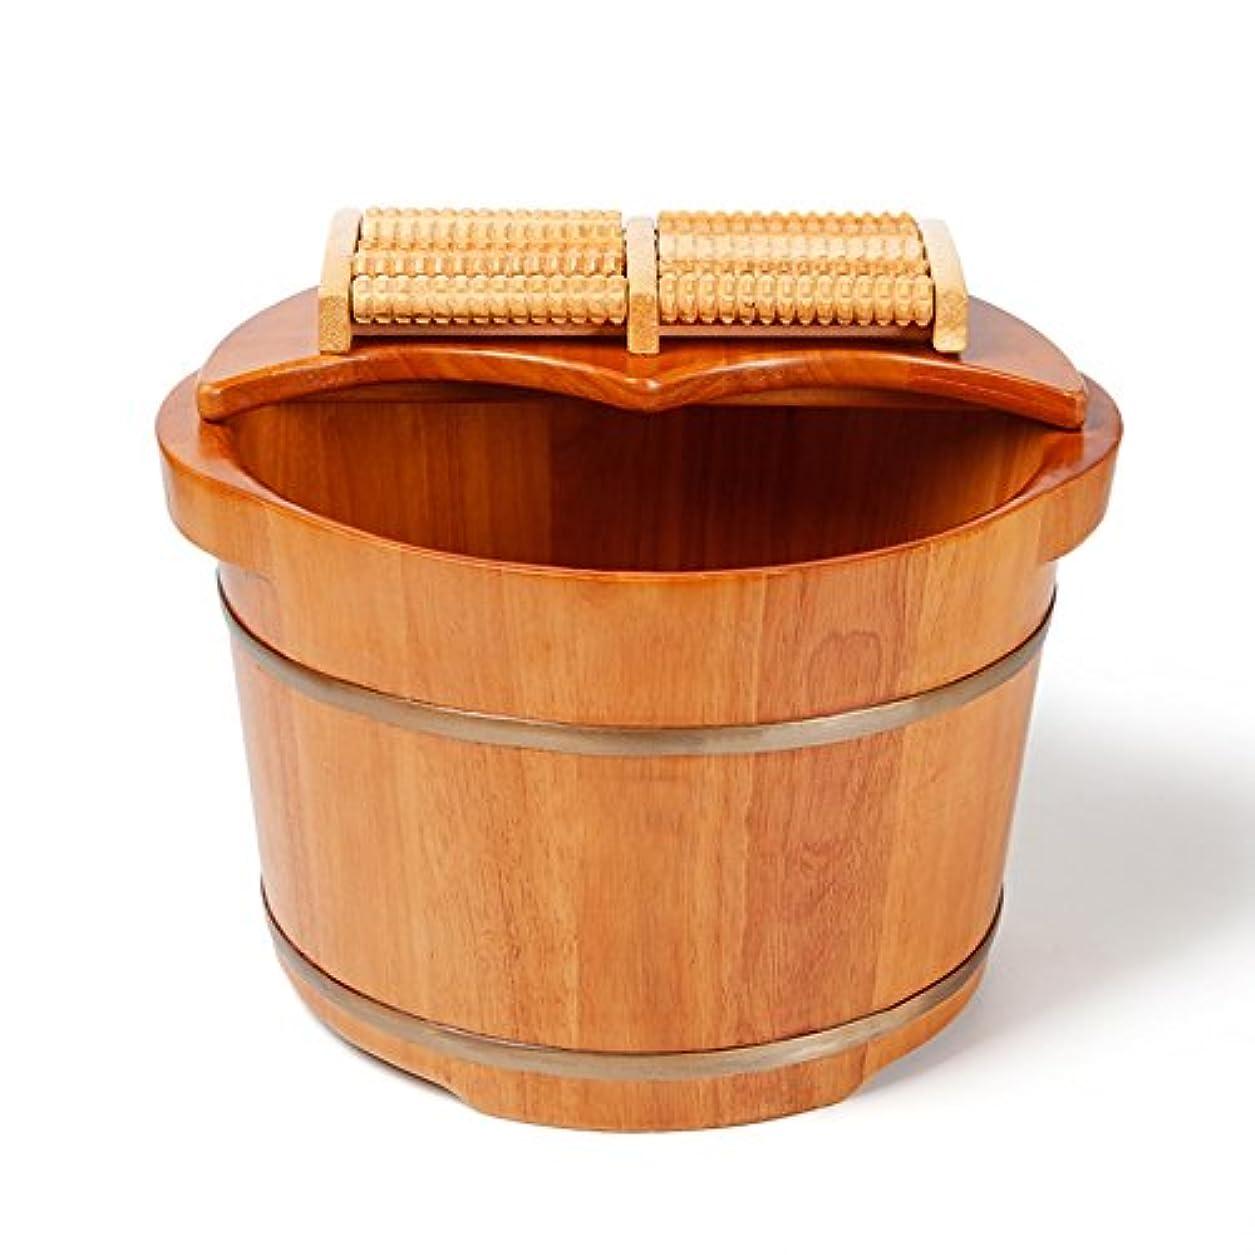 エンディングラベ叫び声C&L 足の浴槽、木製の足の洗面器足のバレルの足のマッサージの足の洗面器カバーの足の浴槽38 * 31 * 26cm ( サイズ さいず : 38*31*26cm )